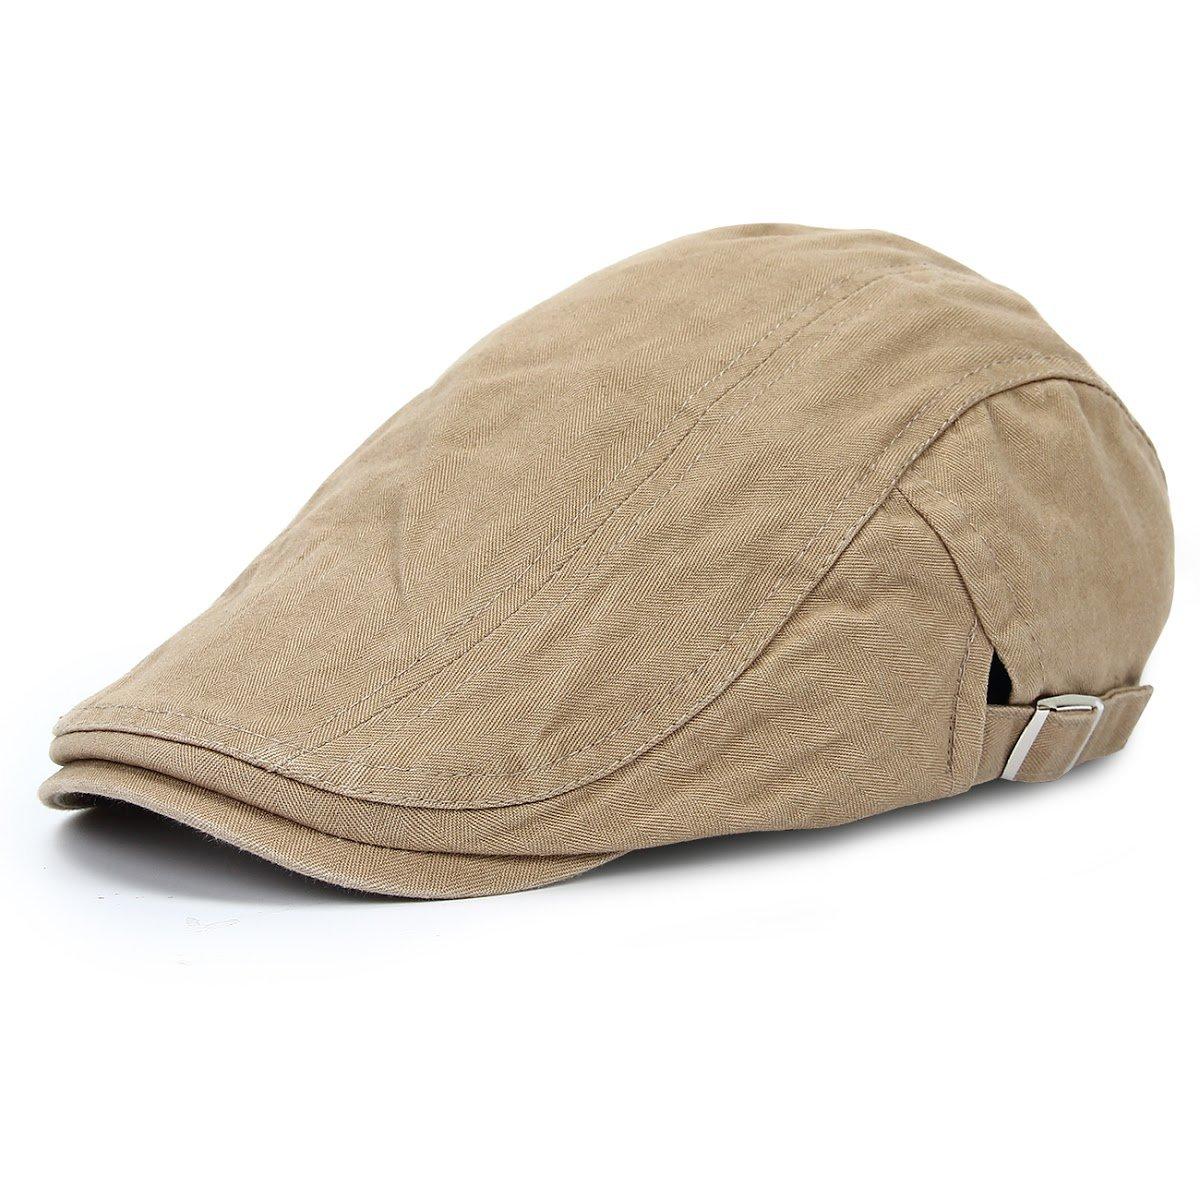 Yodensity Herren Vintage Ivy Gatsby Schiebermütze Flache Golfermütze Sonnenschutz Corduroy Hut